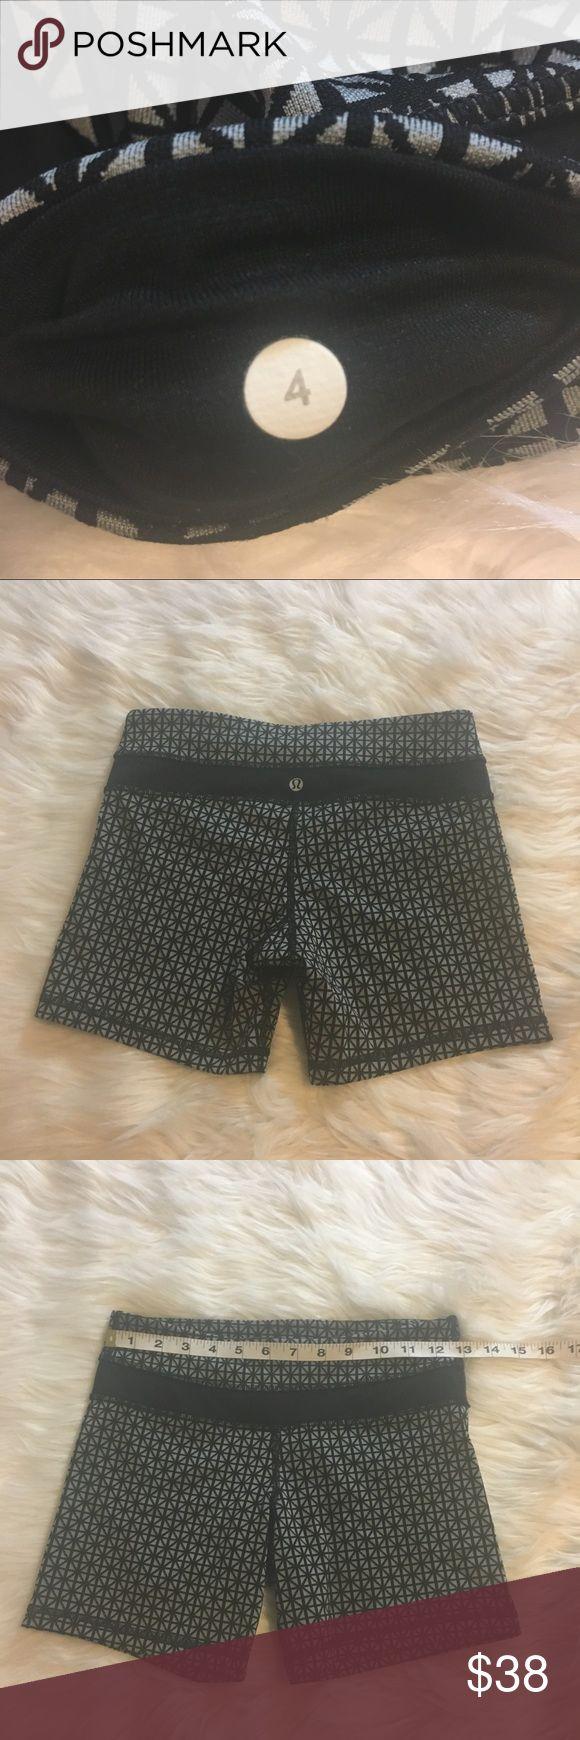 Lululemon athletica shorts size 4 Lululemon athletica shorts size 4 lululemon athletica Shorts